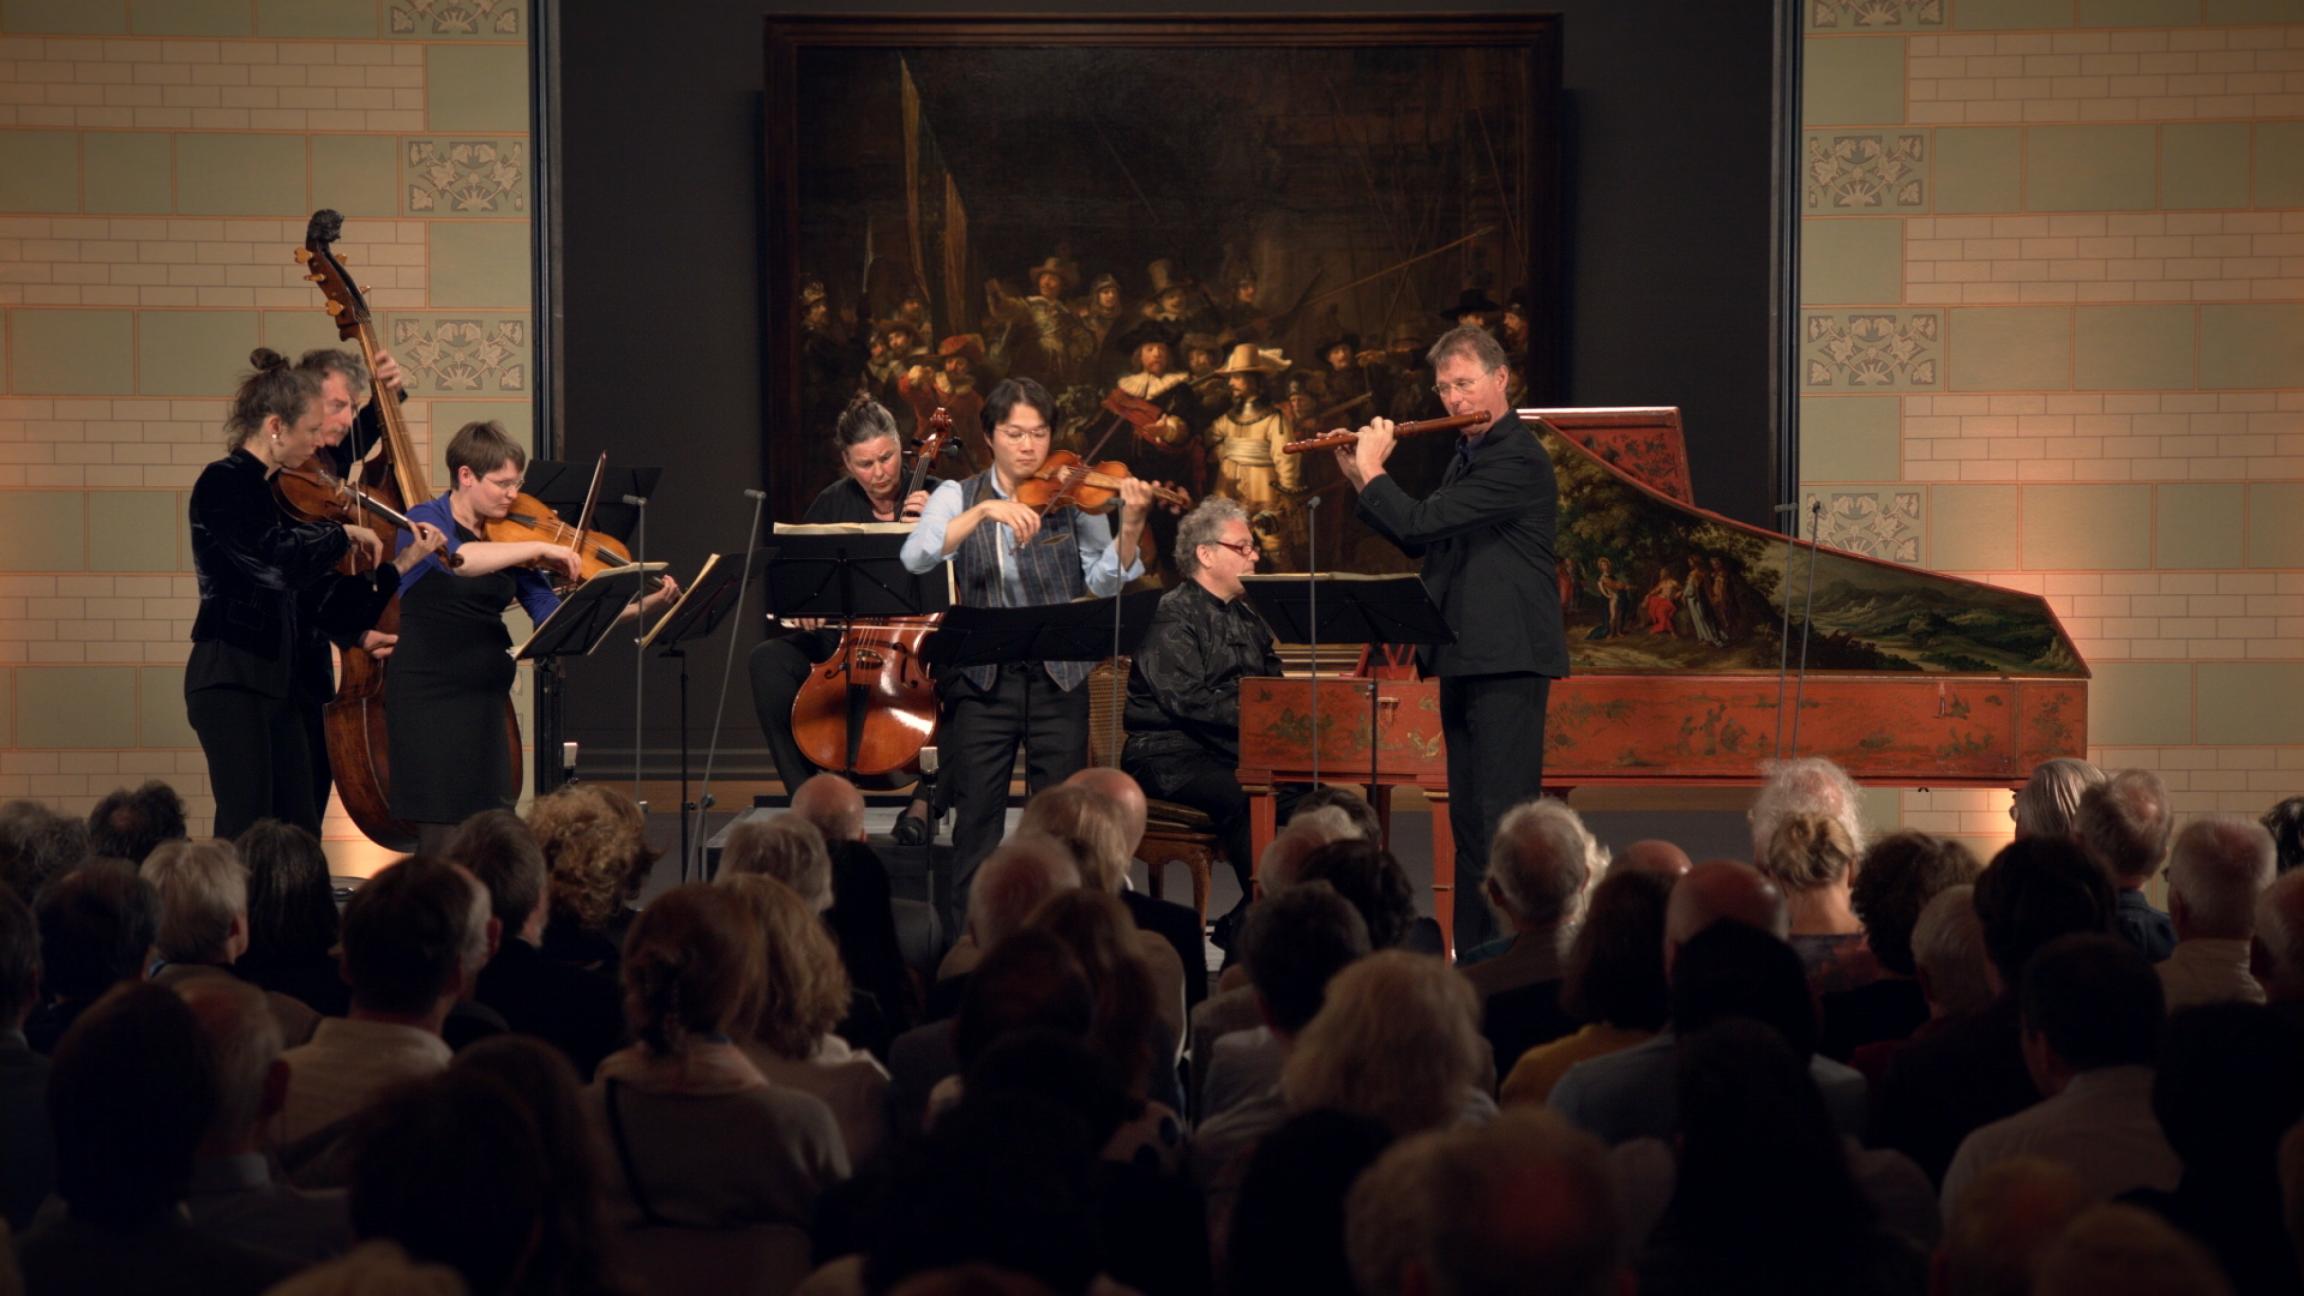 'Brandenburgs' concert nr. 5 in D groot